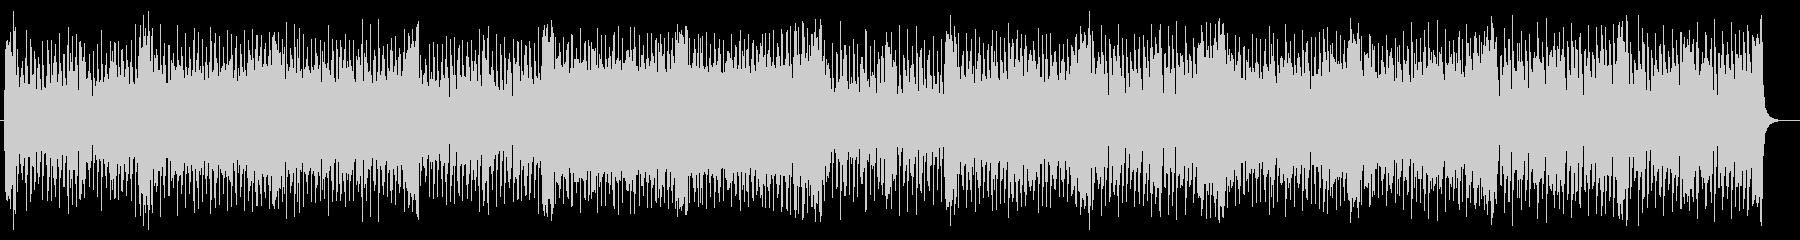 現代的で軽やかなシンセサイザーのポップスの未再生の波形